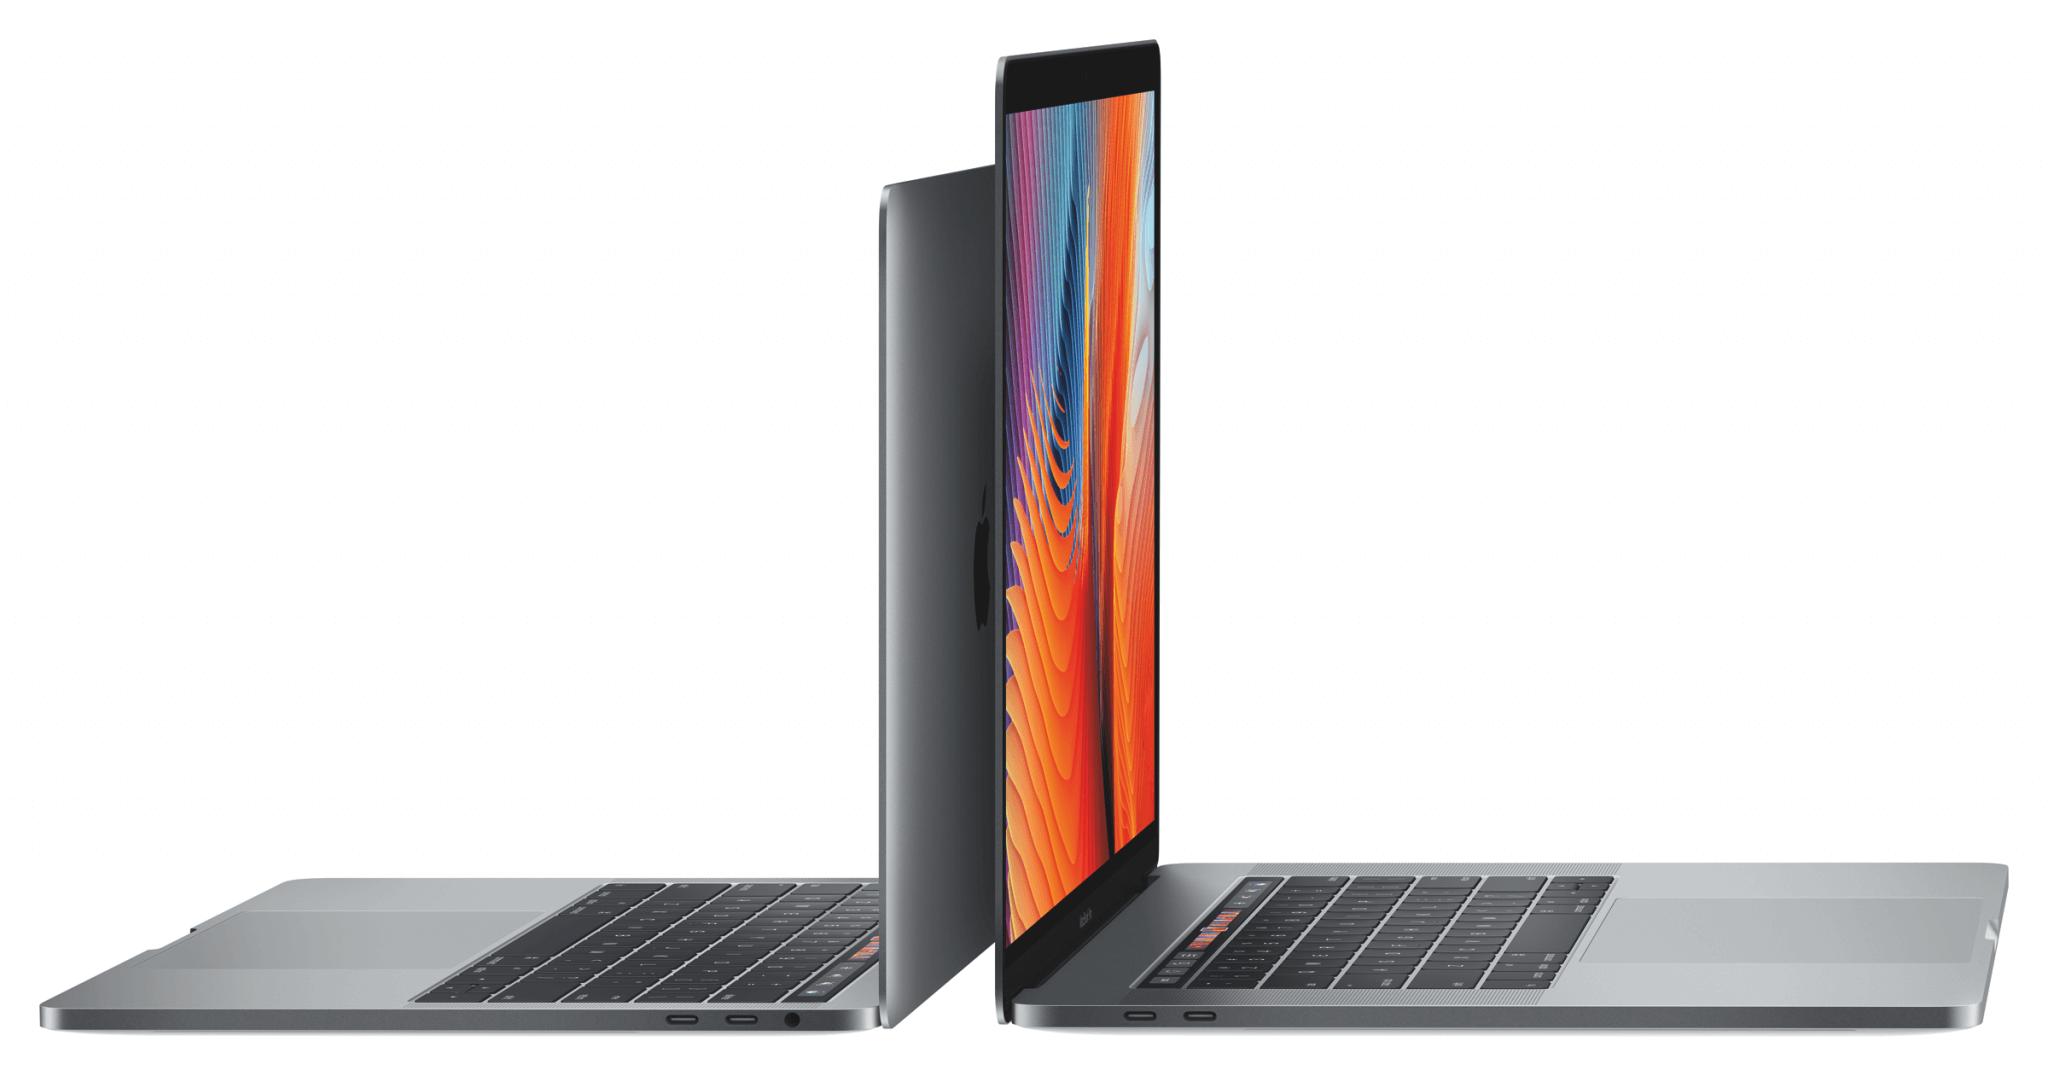 MacBook Pro 2016 mit Touch Bar, links 13-Zoll, rechts 15-Zoll (Bildrechte: Apple)